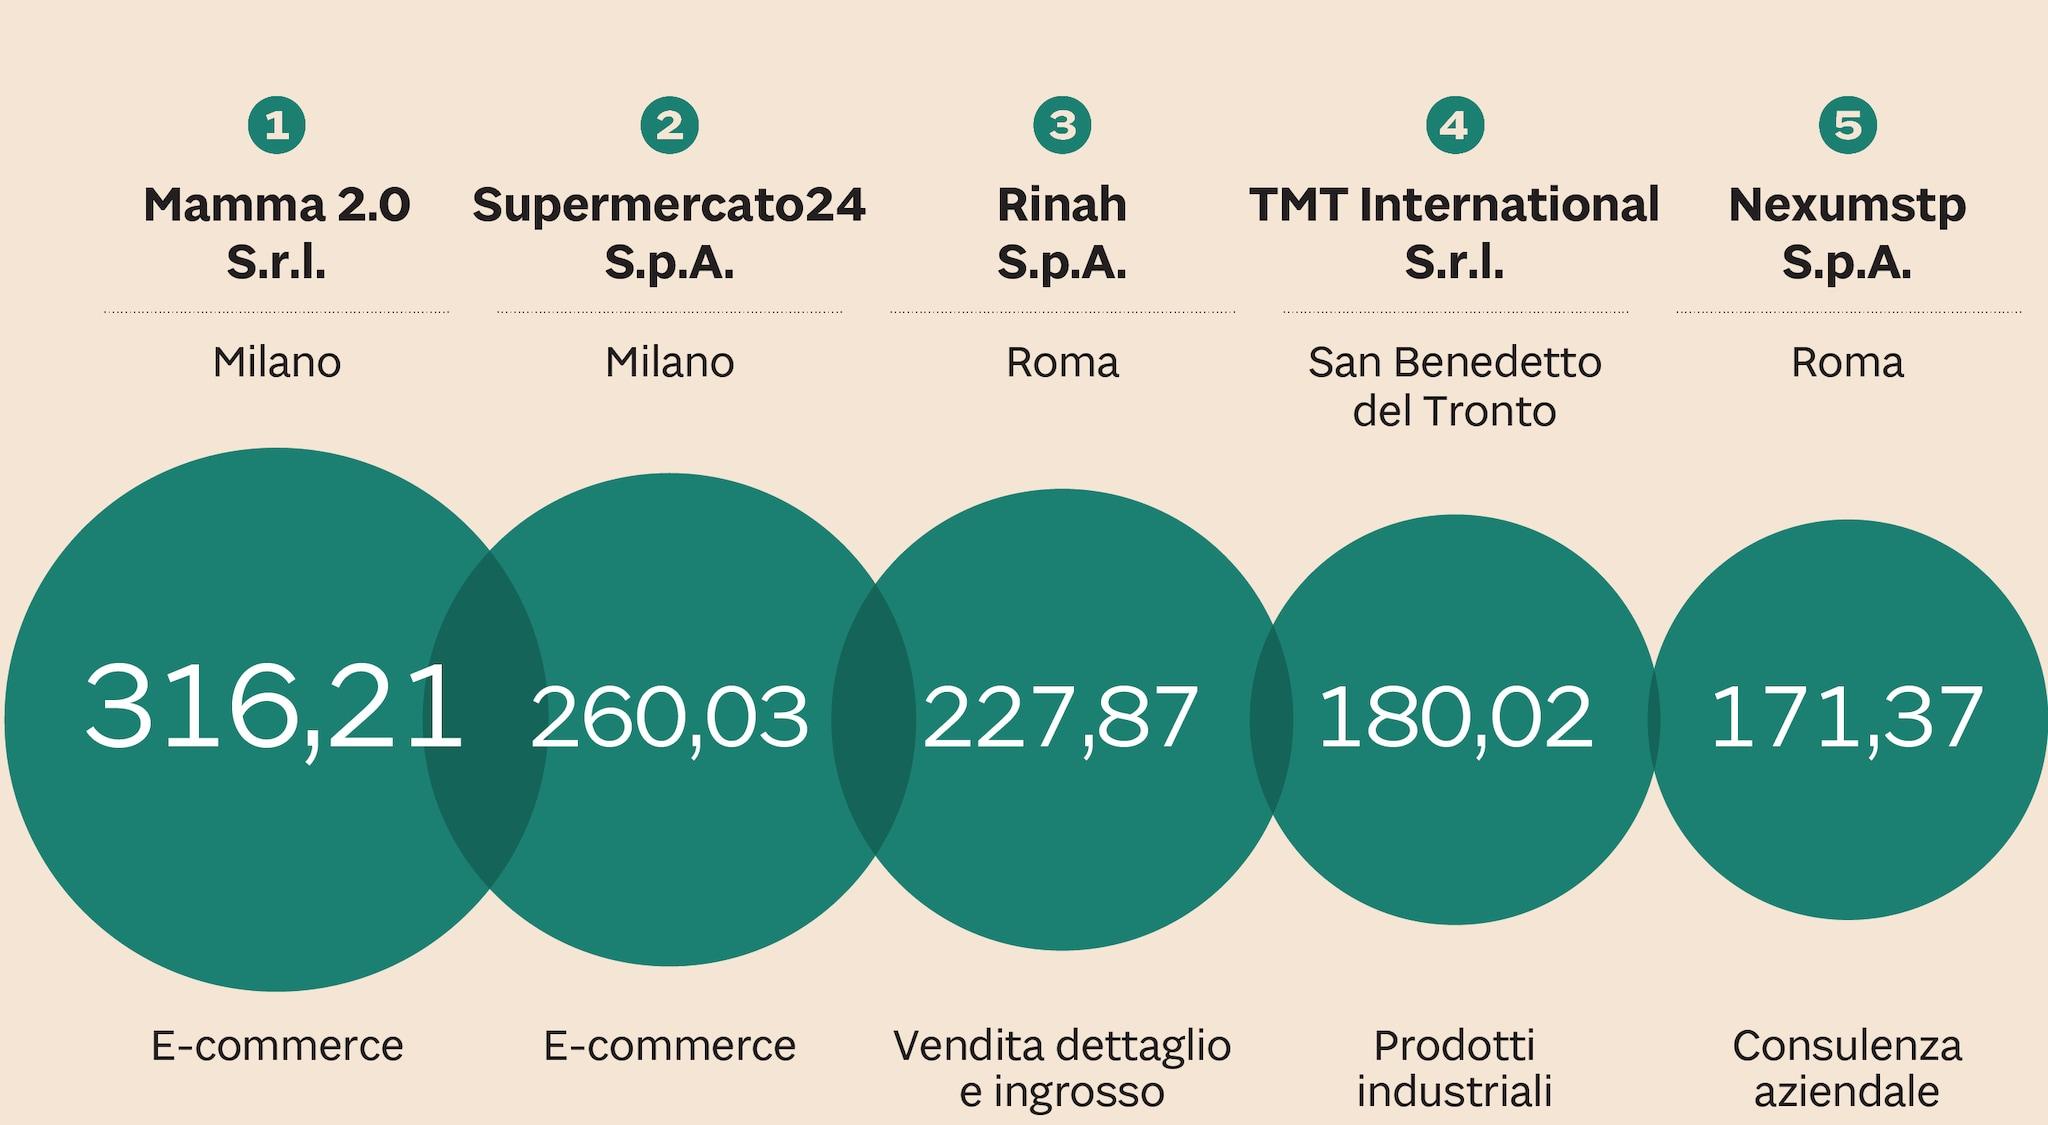 LA TOP 5 DI LEADER DELLA CRESCITA 2020